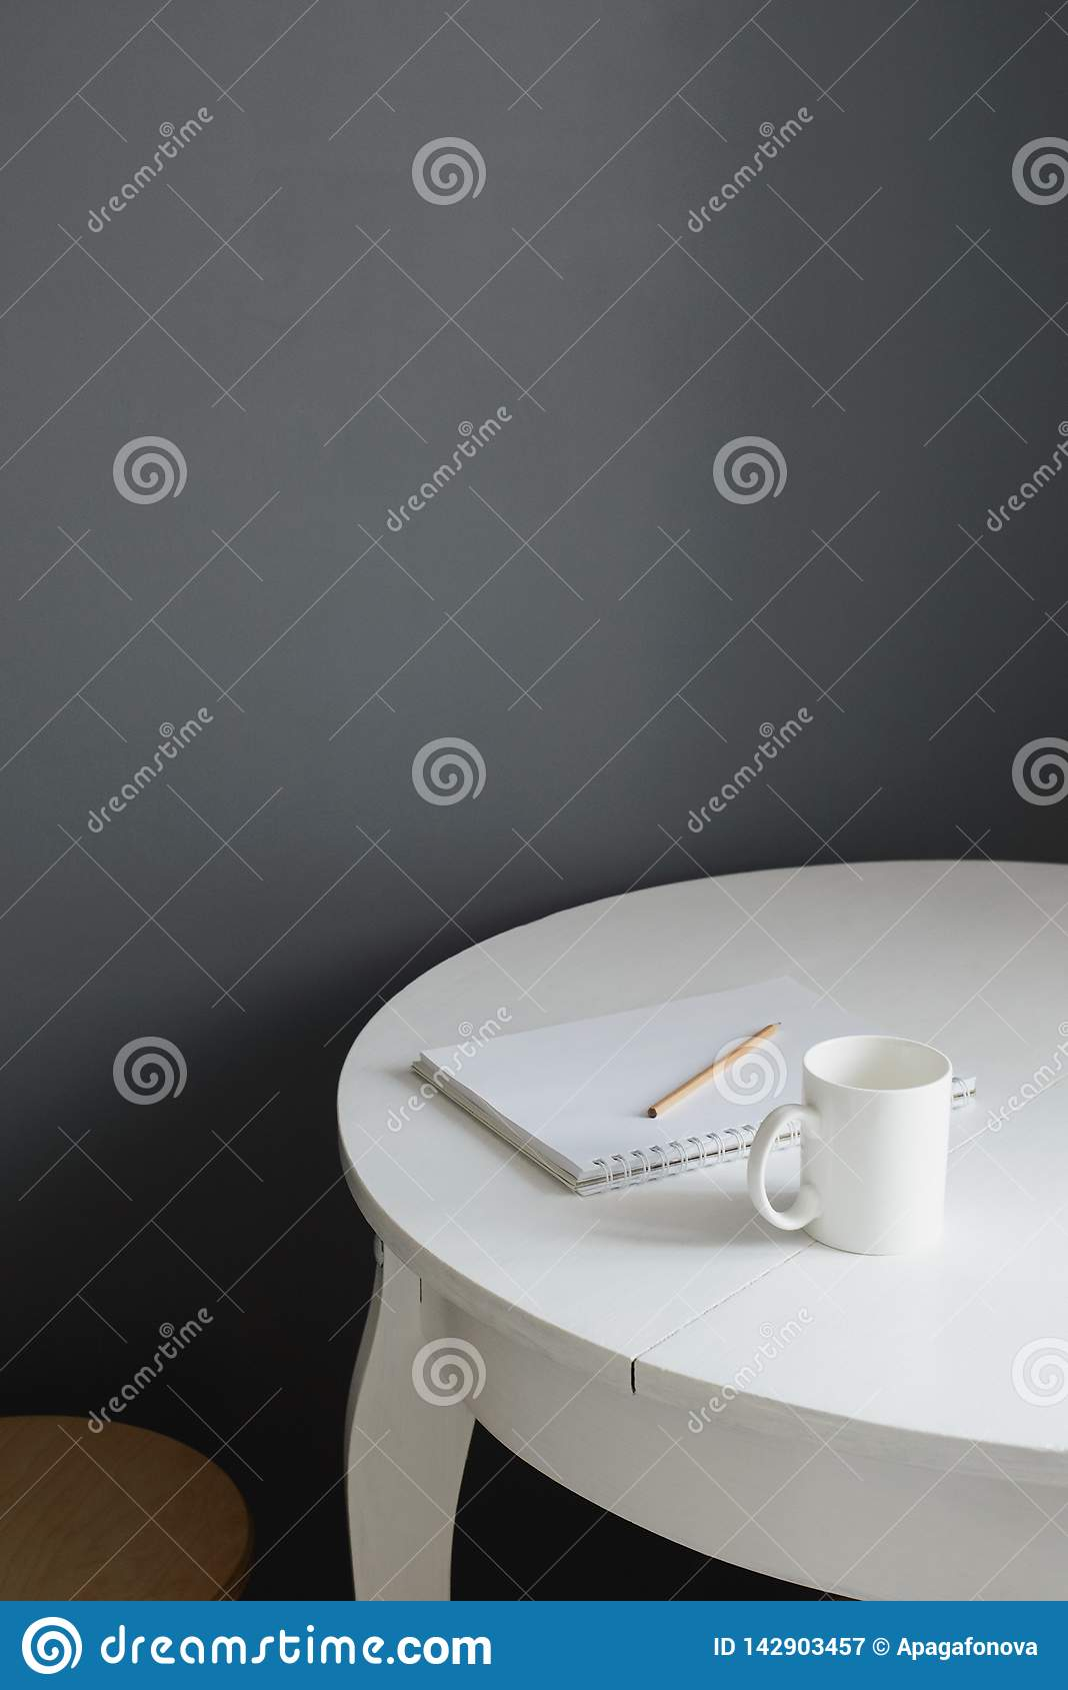 有笔记薄和铅笔的白色陶瓷咖啡杯在斯堪的纳维亚厨房内部的白色木桌上